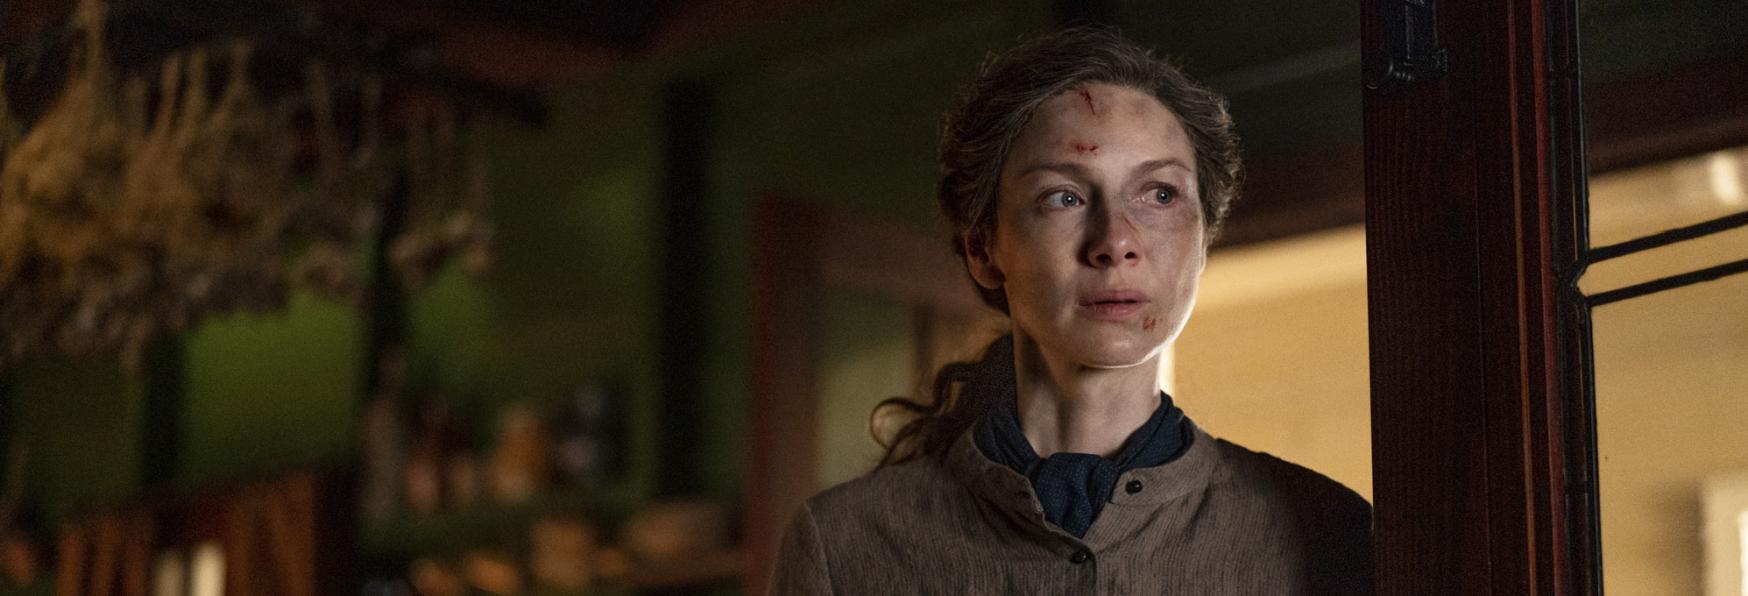 Outlander 6: il Trailer svela il Periodo di Uscita della nuova Stagione della Serie TV STARZ